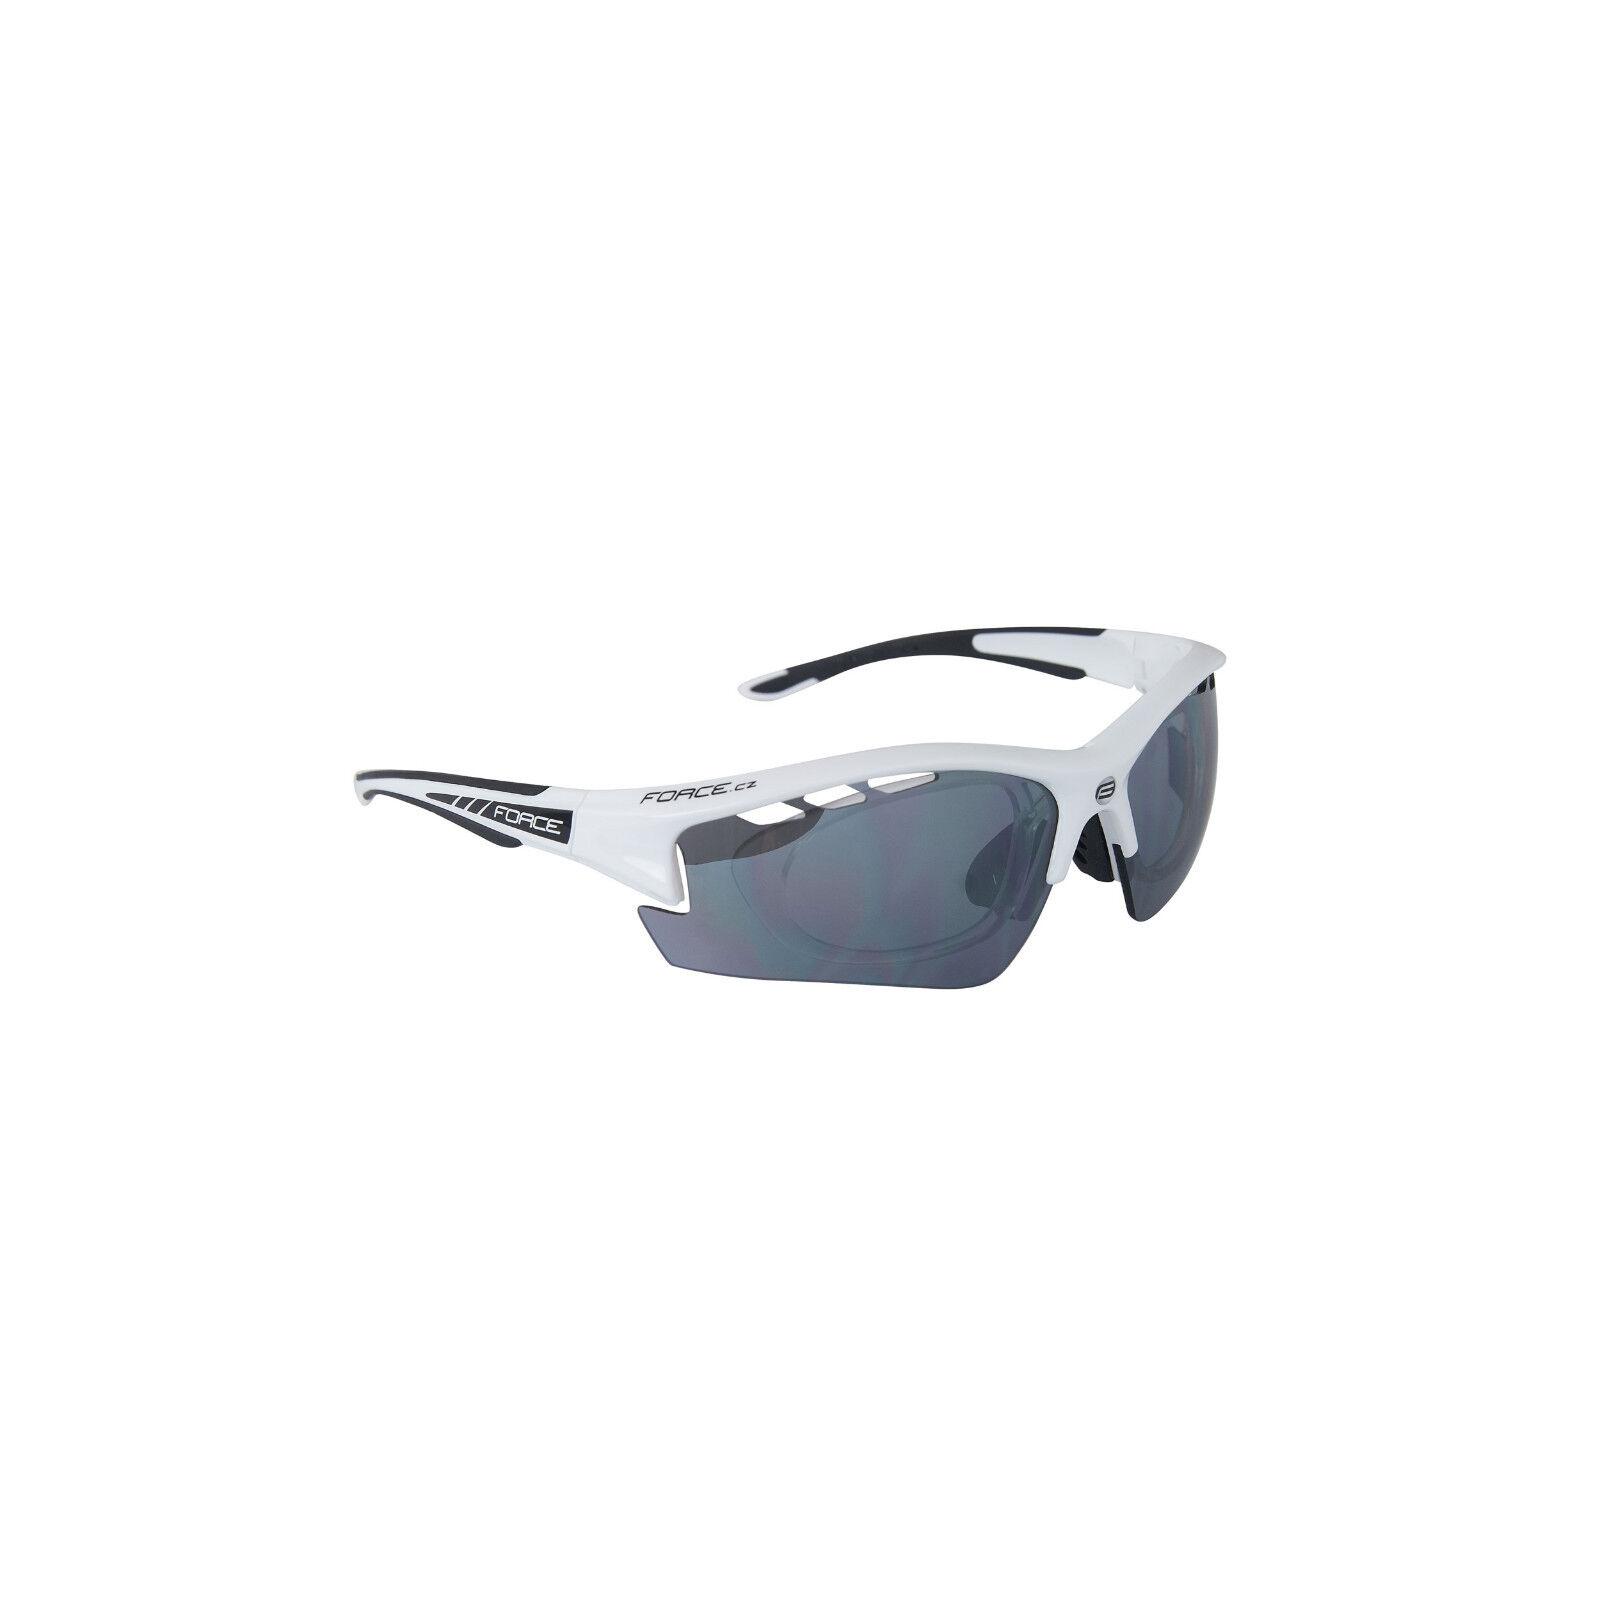 FORCE Brille mit Wechsellinsen & Dioptrien Clip Clip Clip bis 4 Diop Polycarb  90922x   | Mittlere Kosten  6ae9fc